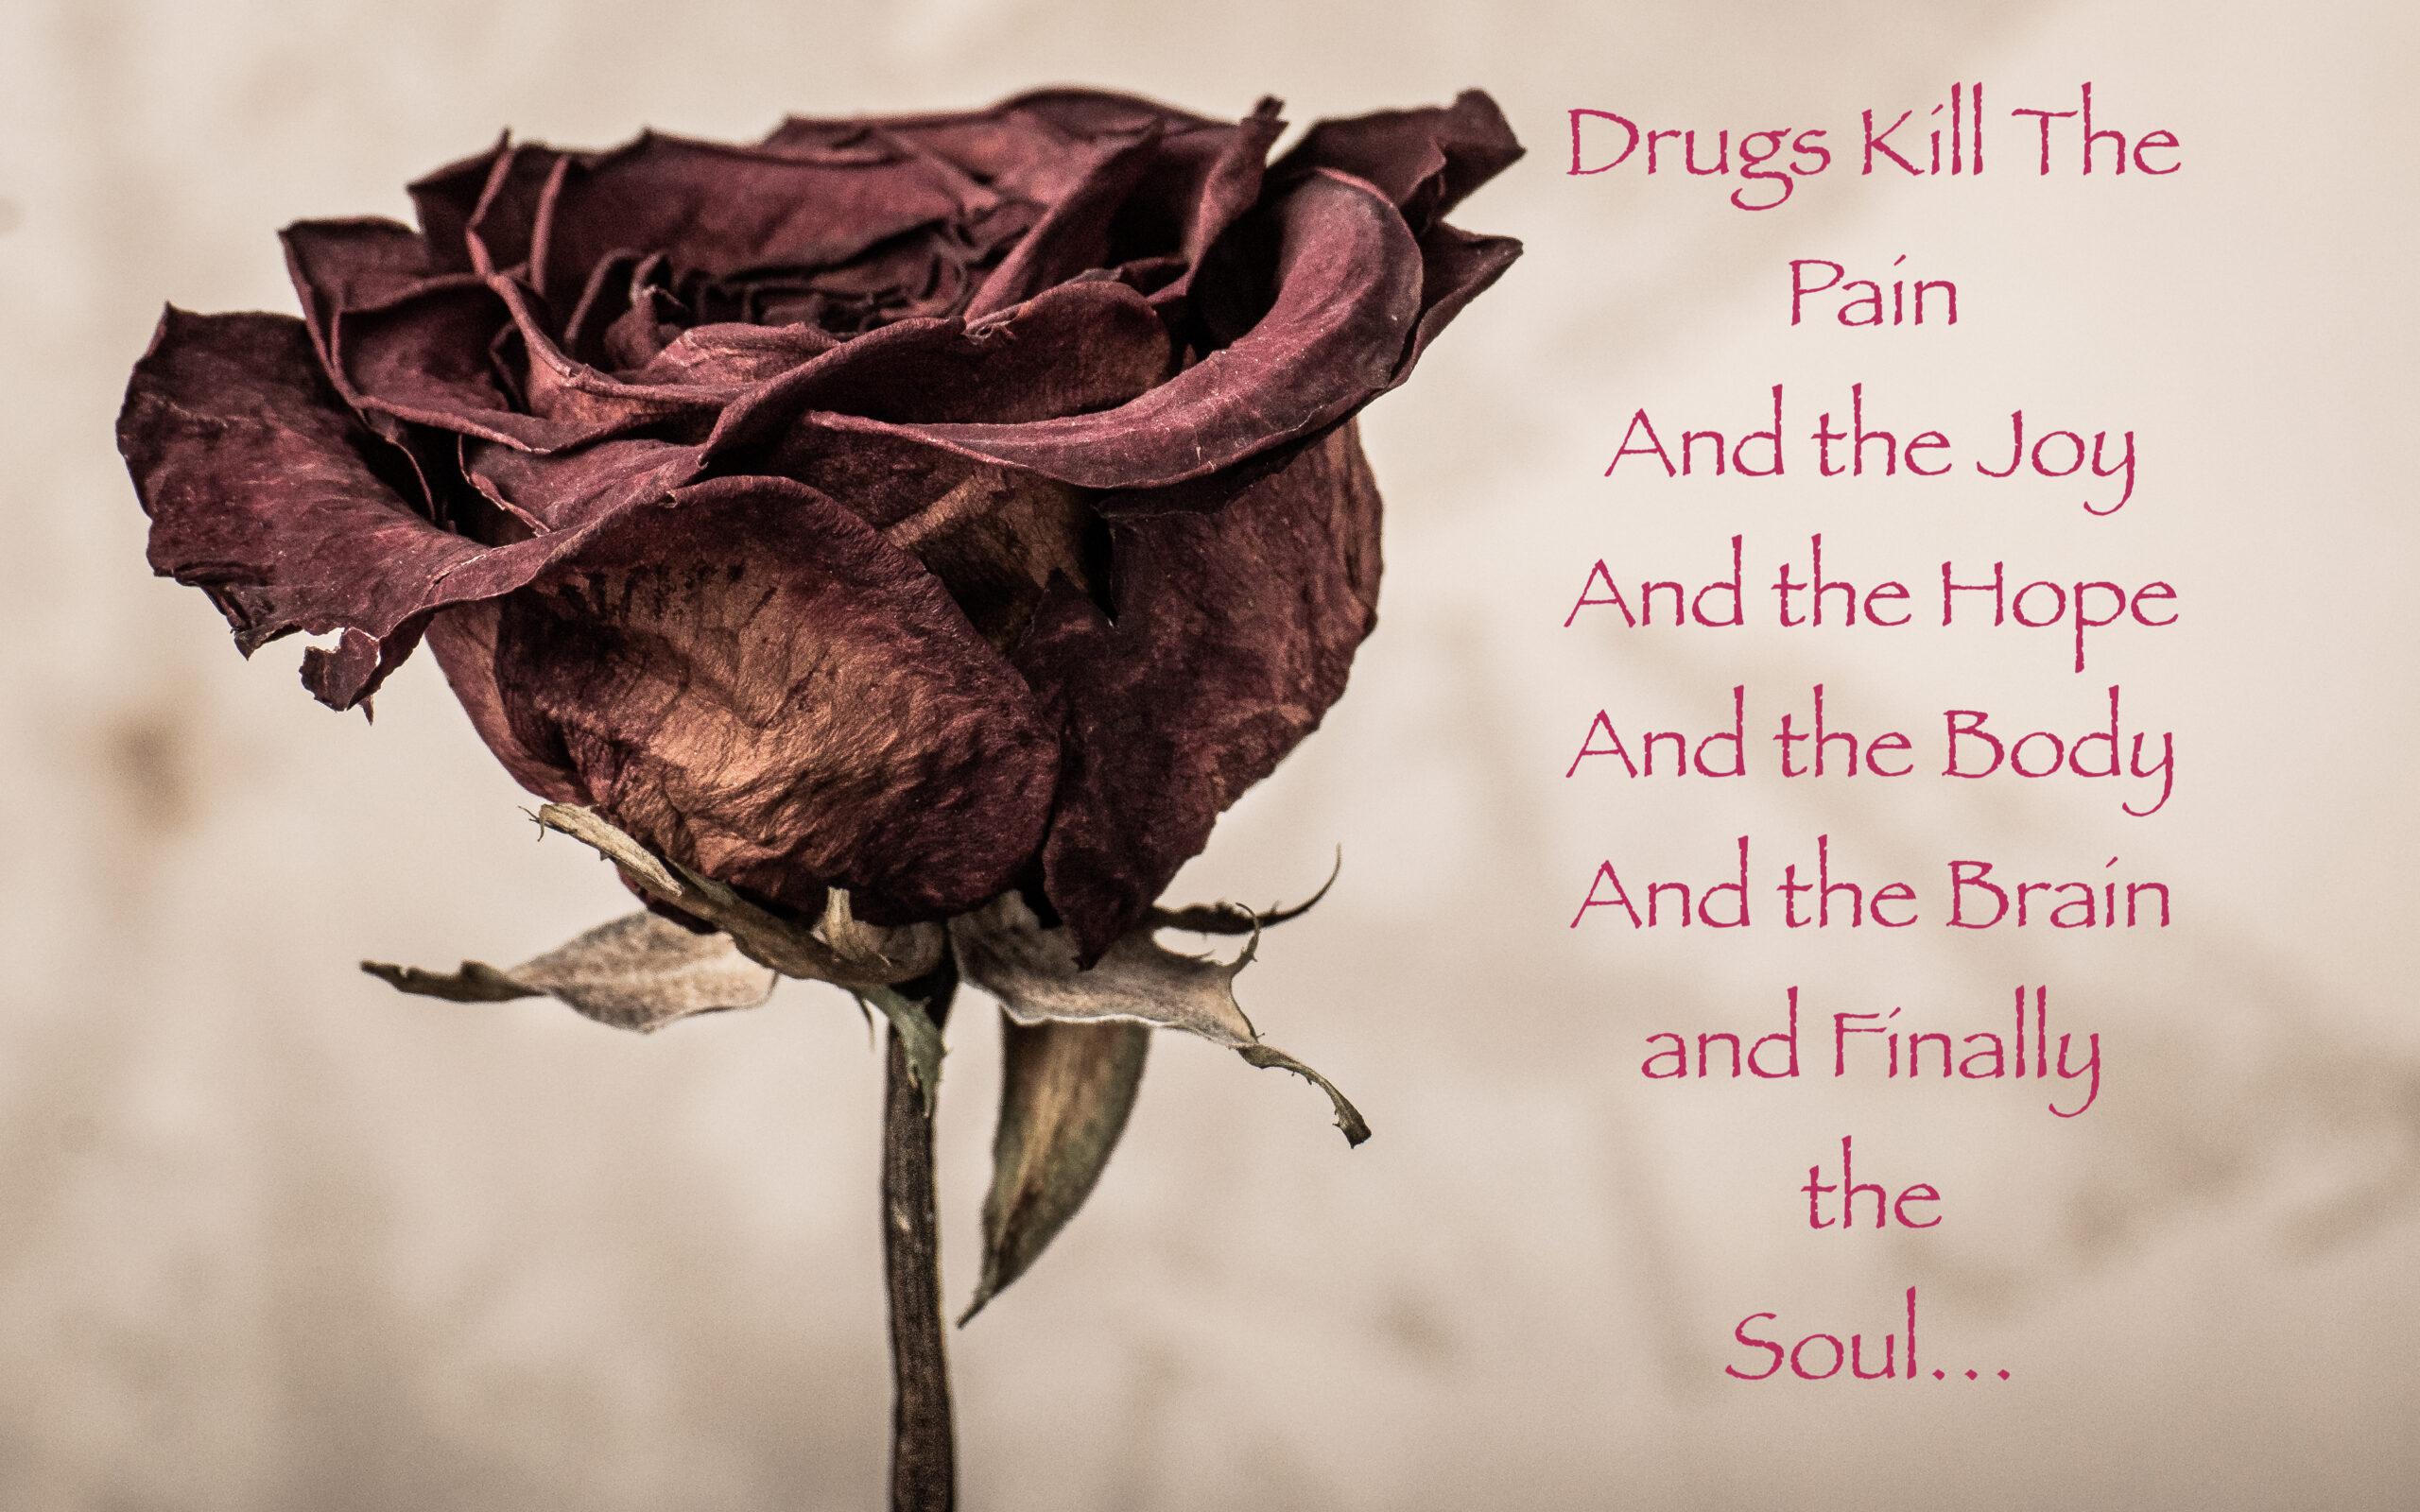 Drugs Kill the Pain